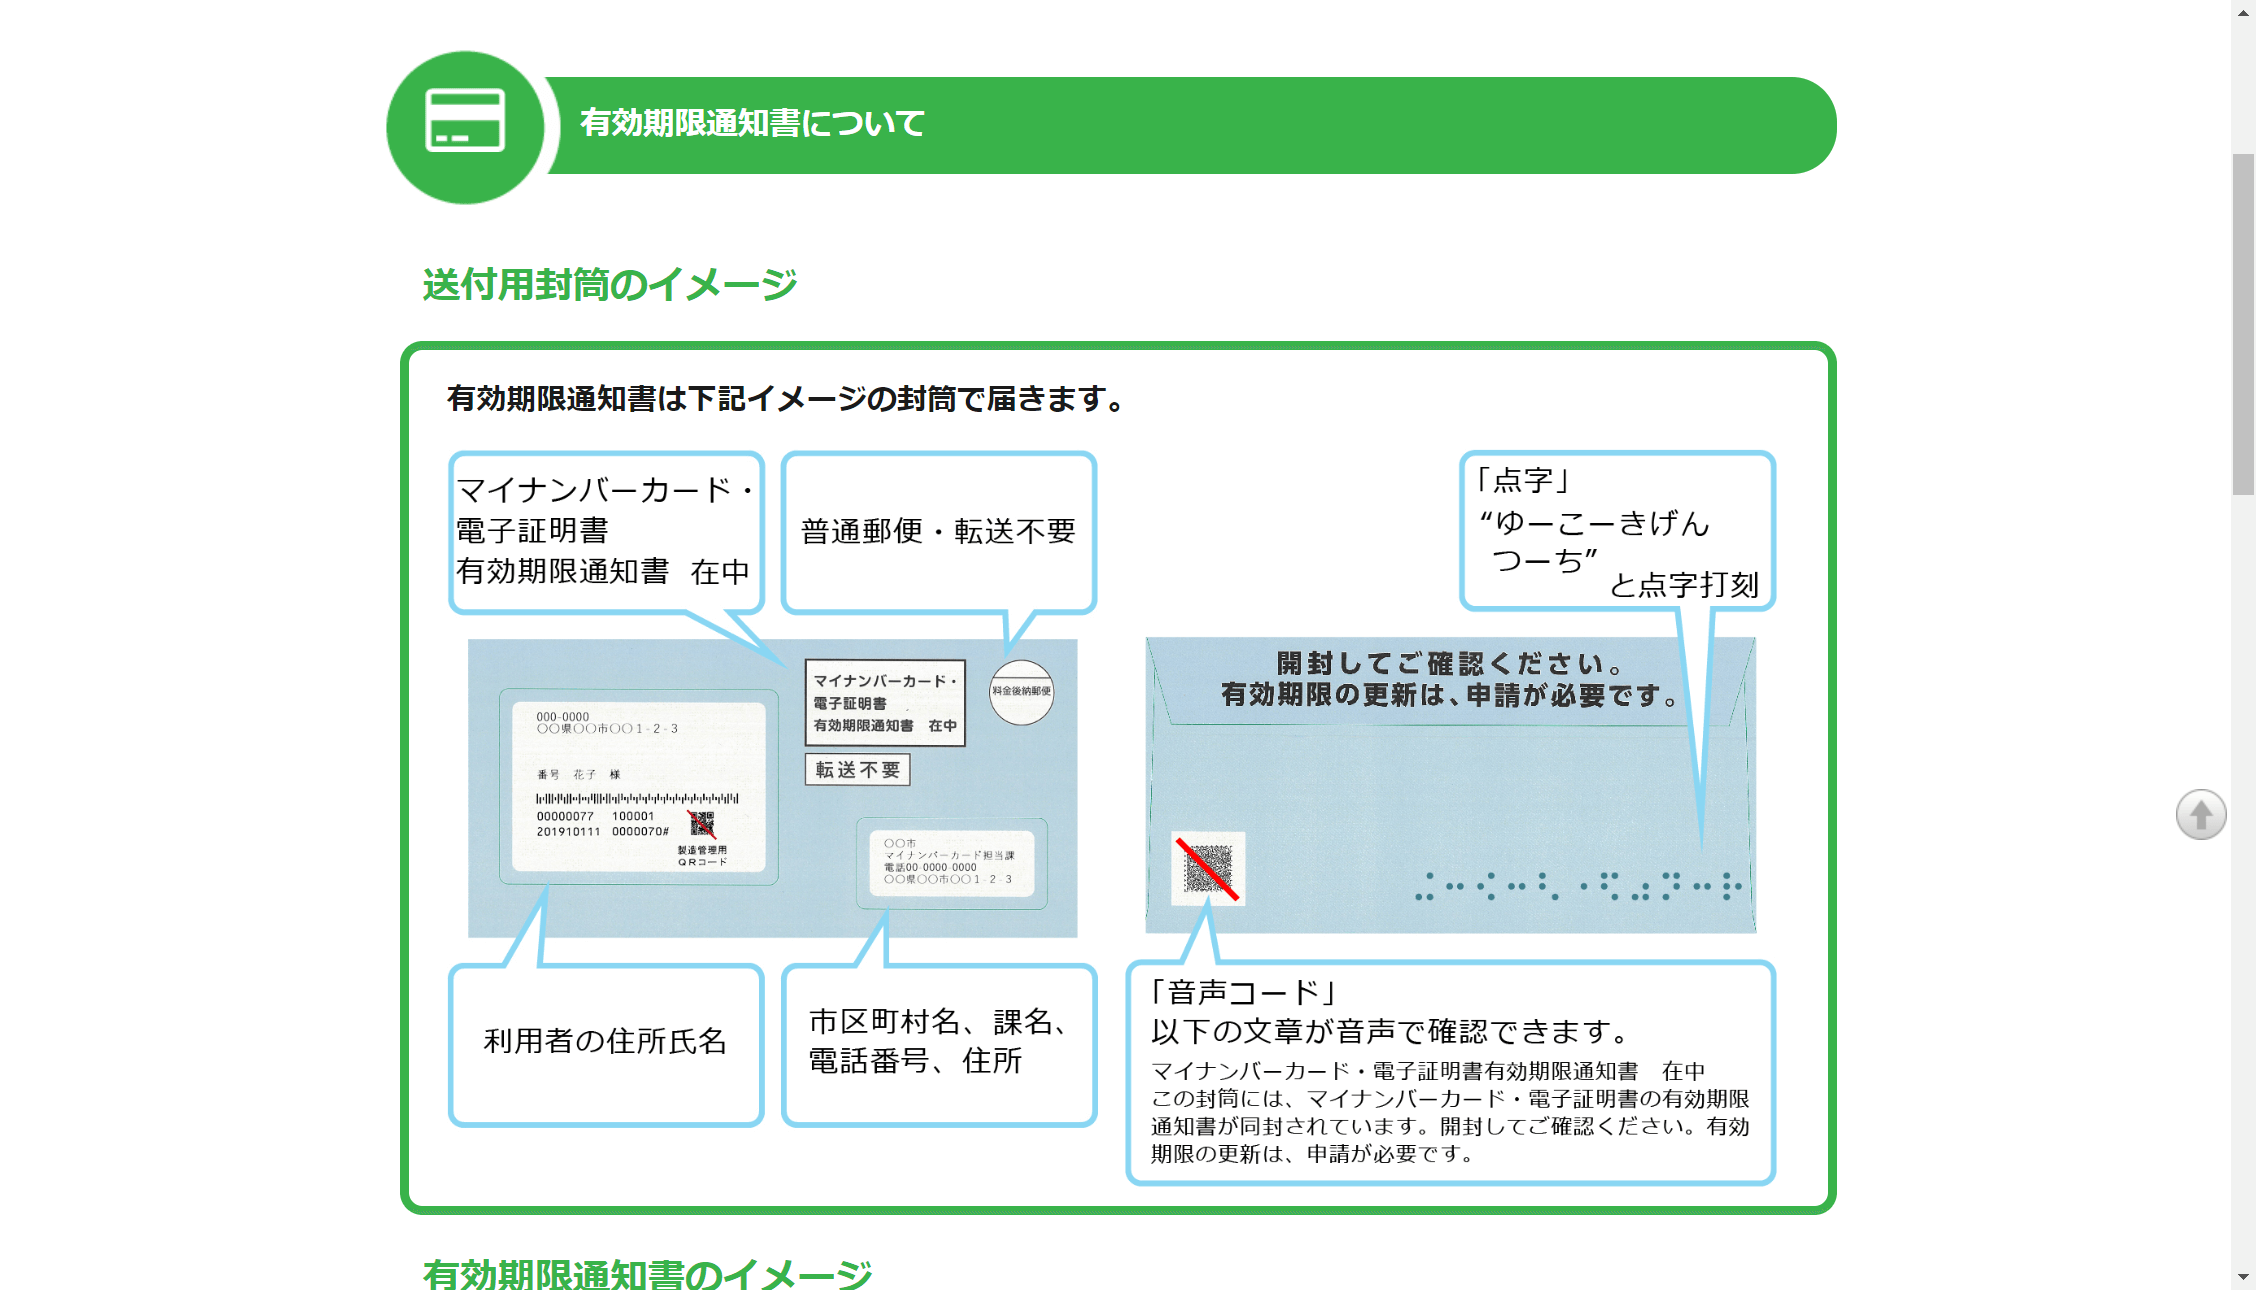 マイナンバーカードの電子証明は5年ごとに更新が必要